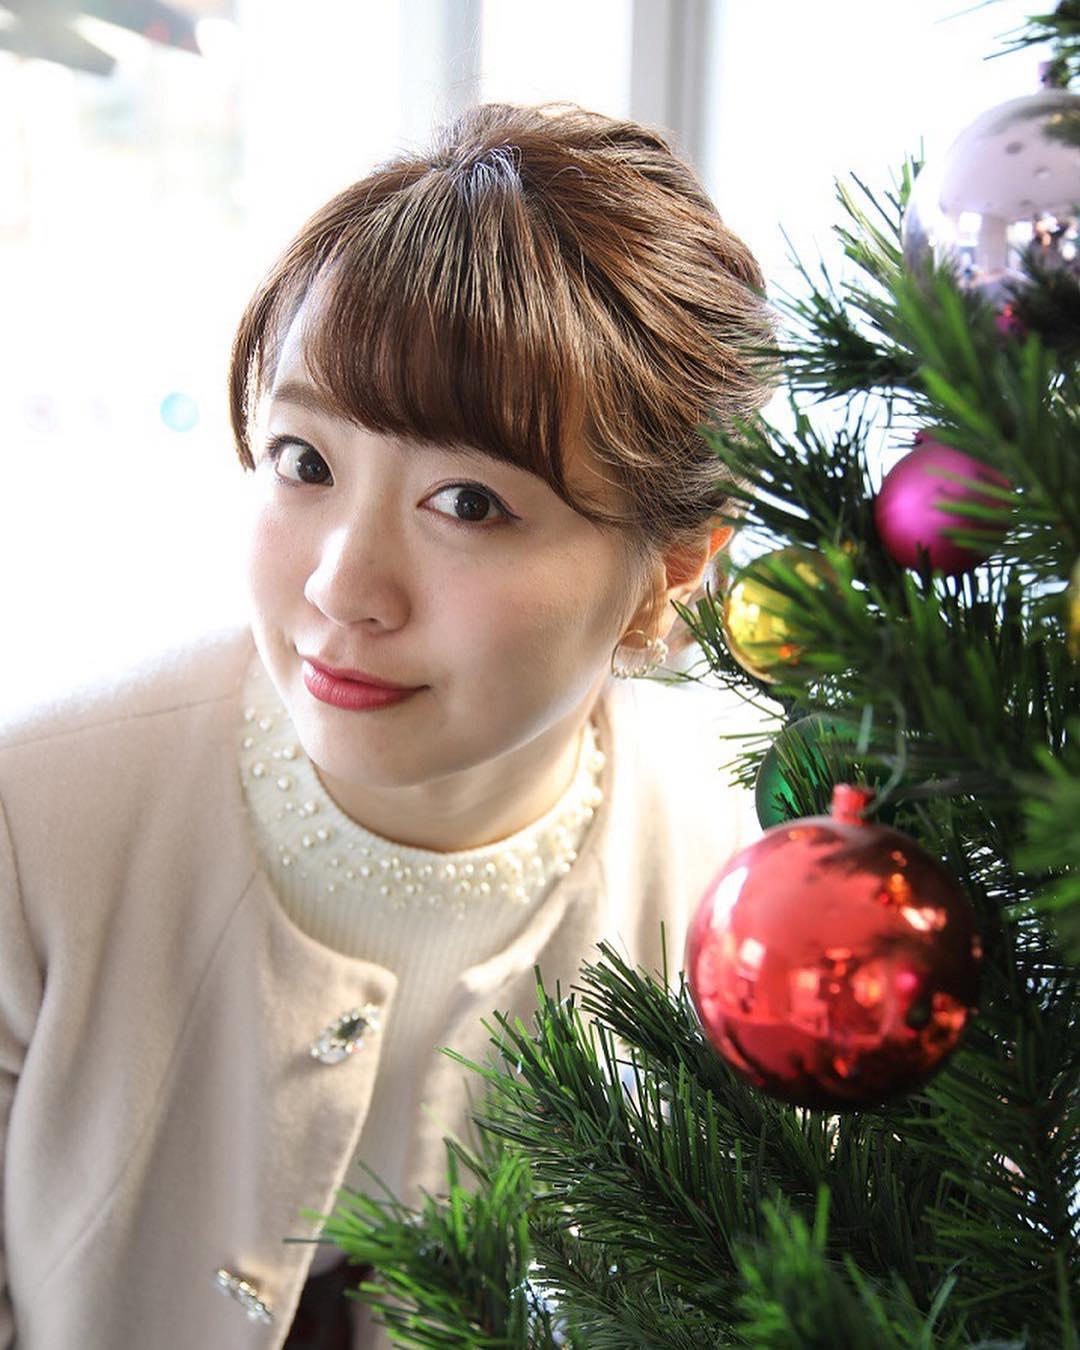 湯浅知里アナ(テレビ北海道)の彼氏・結婚やインスタ、学歴や身長・体重・スリーサイズは?